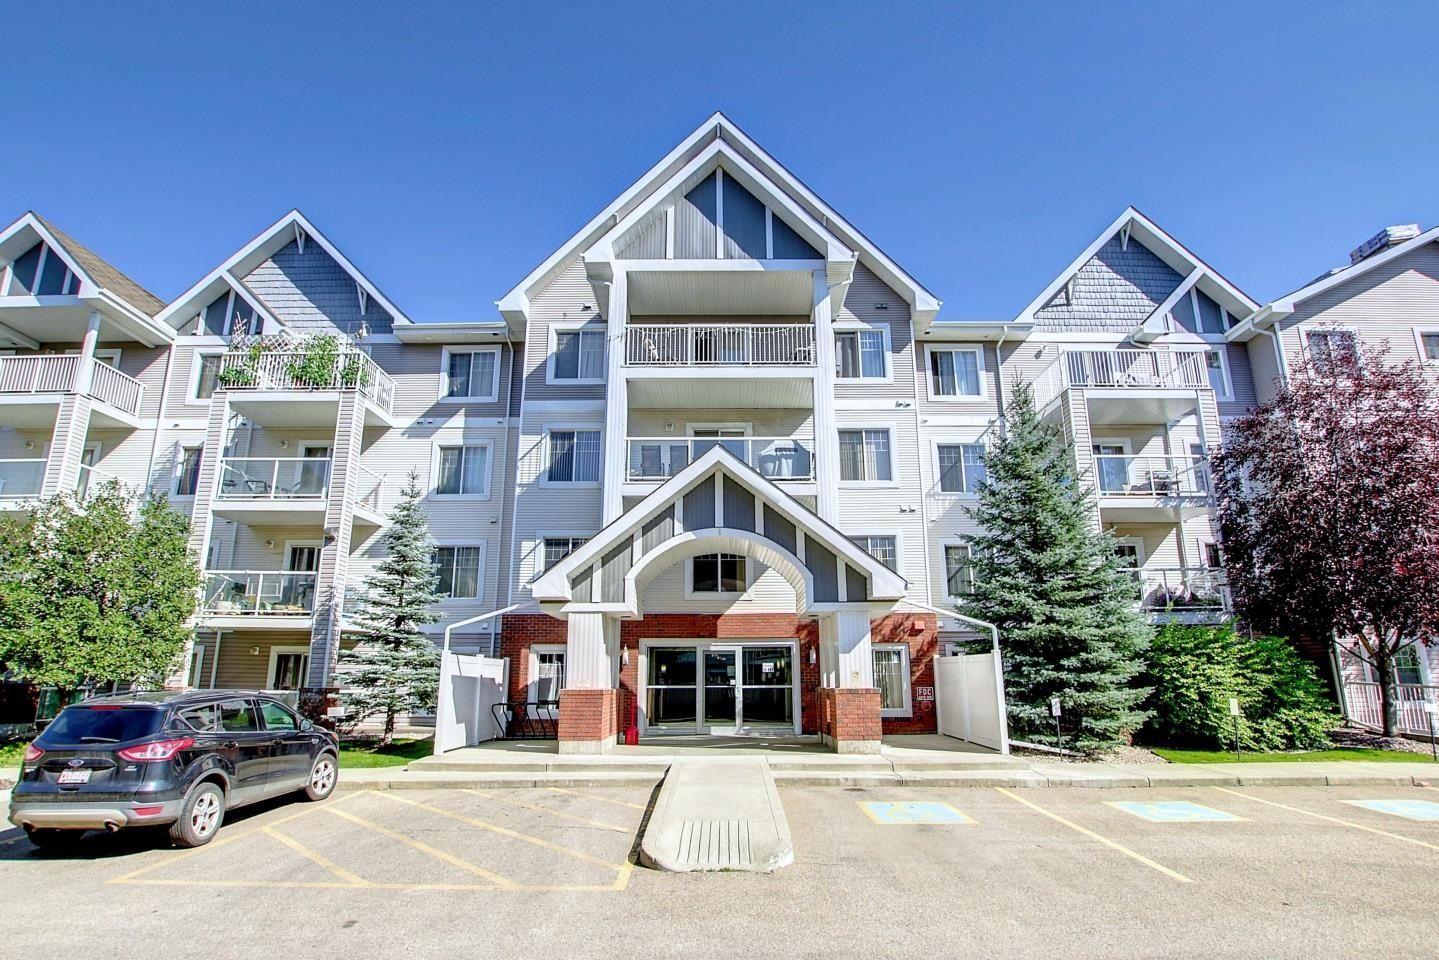 Main Photo: 313 13710 150 Avenue in Edmonton: Zone 27 Condo for sale : MLS®# E4261599